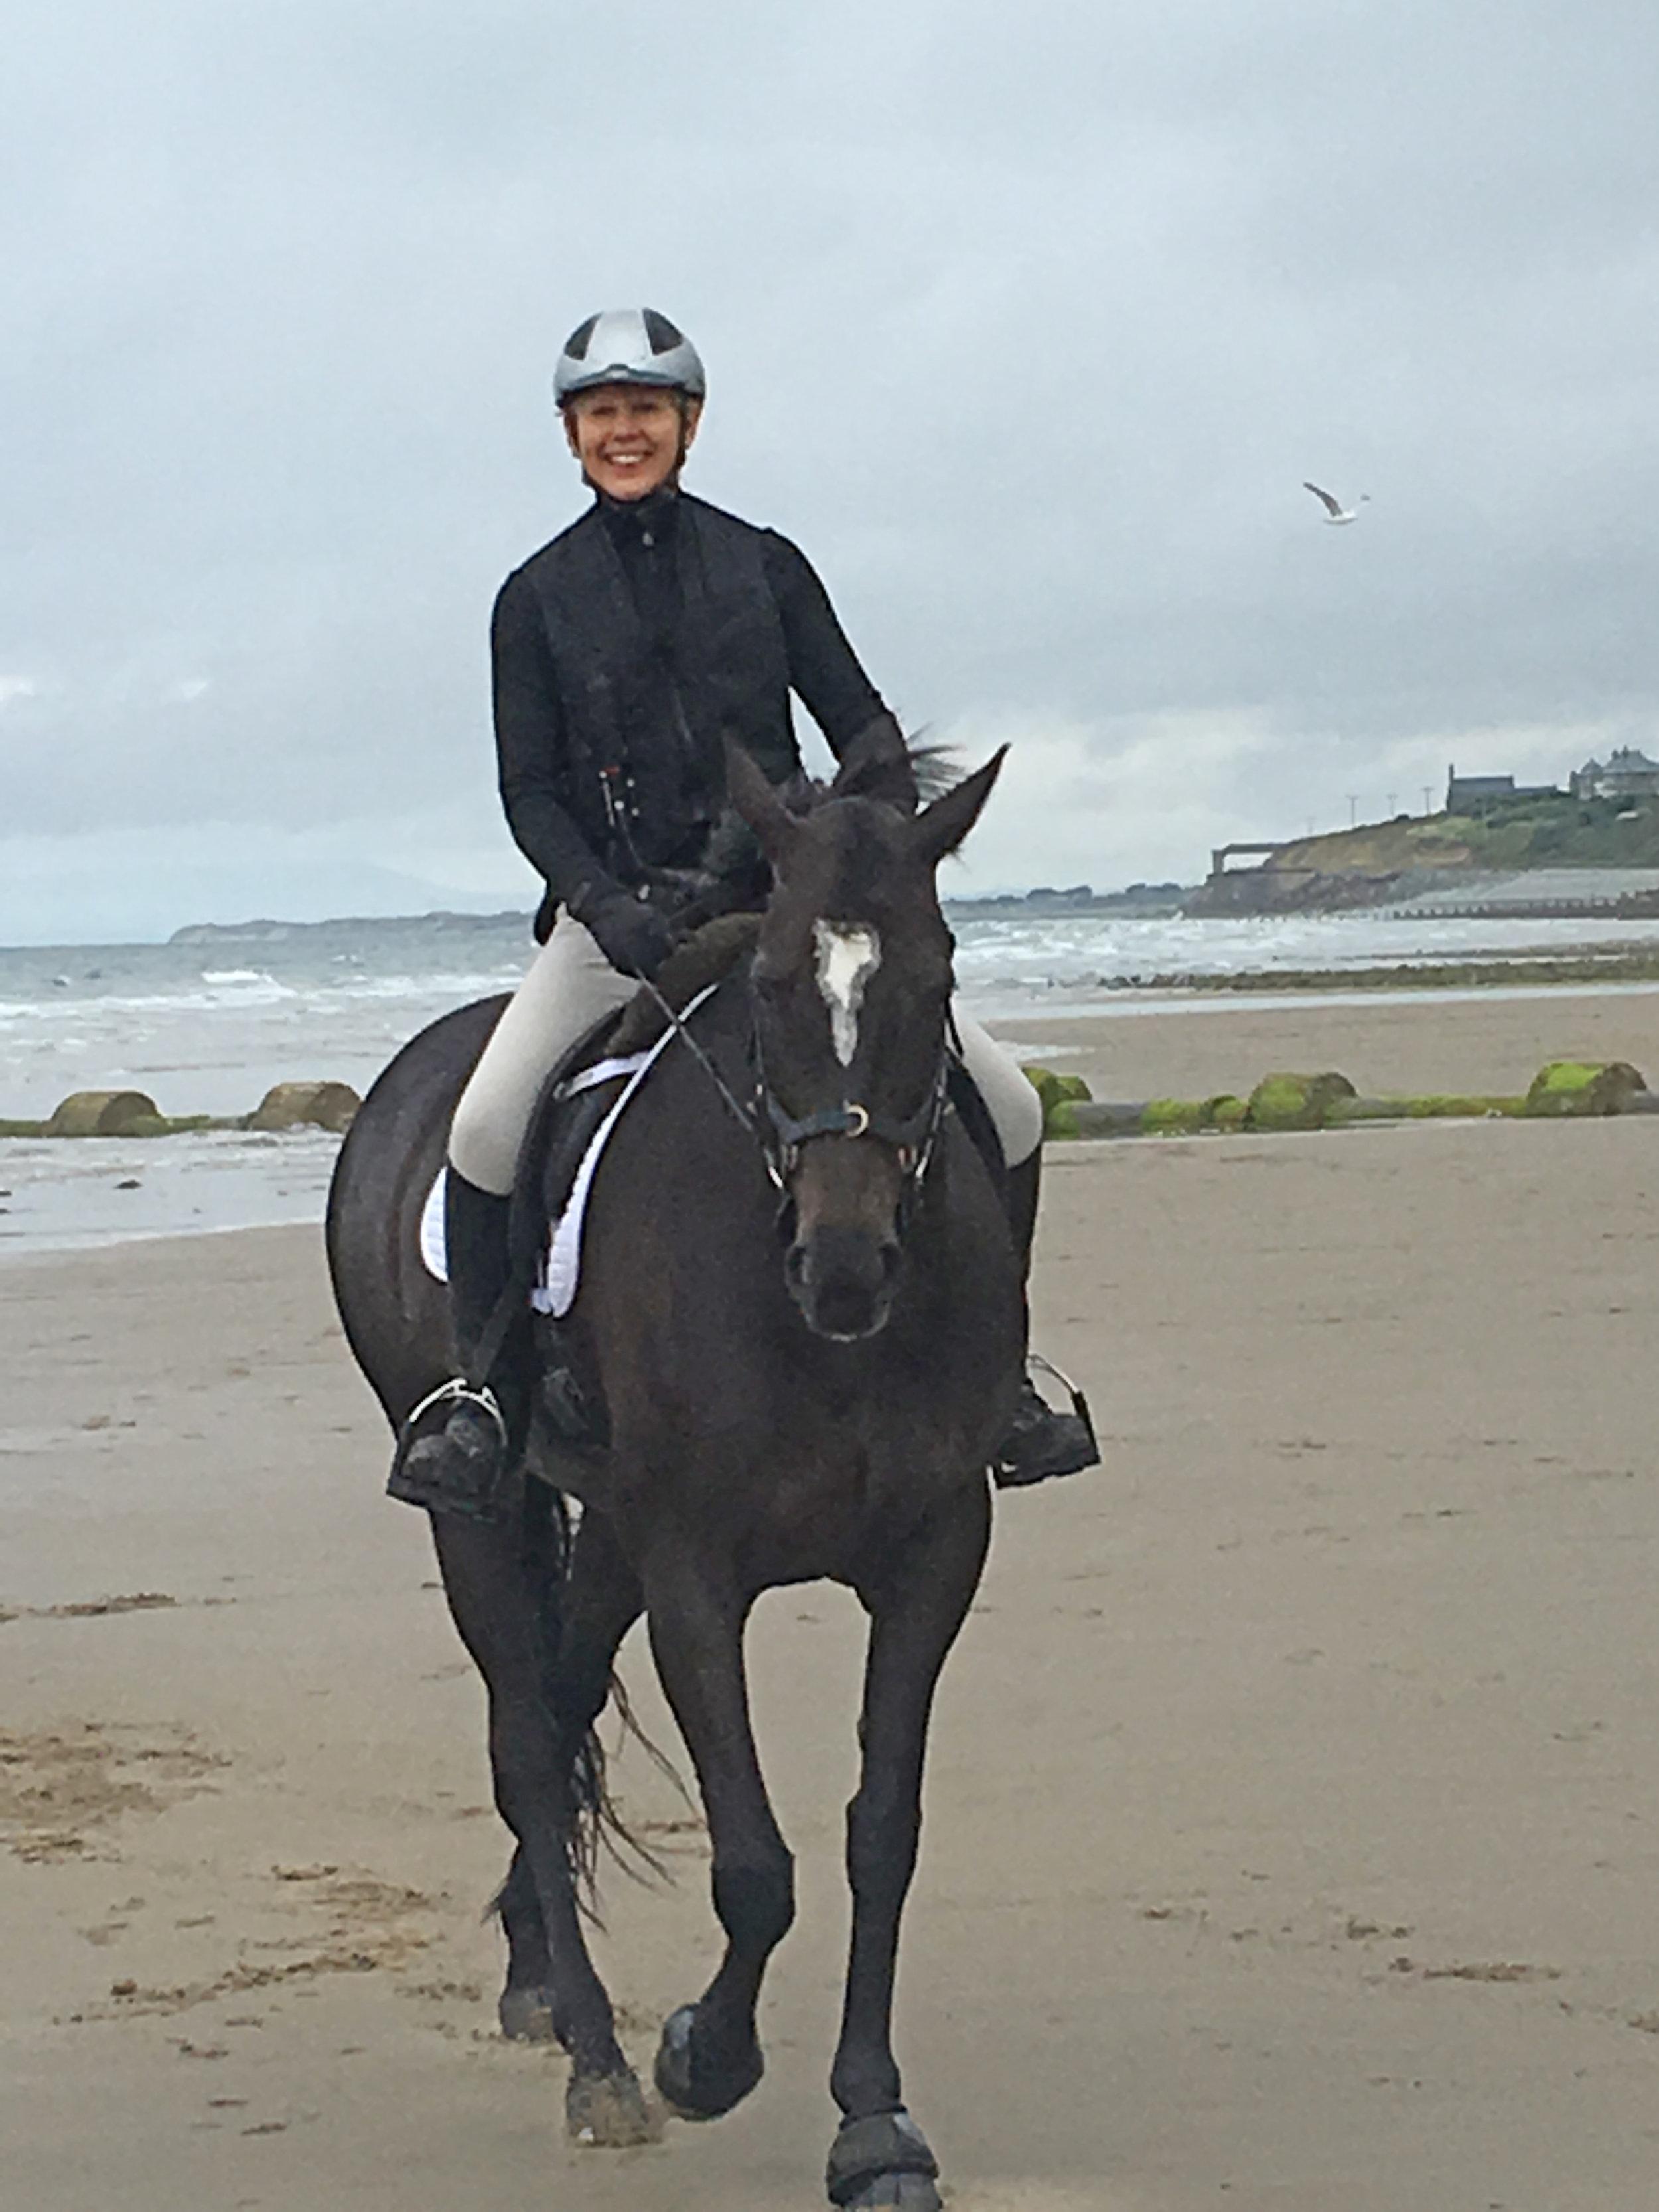 Sarah Parry Jones riding Bella